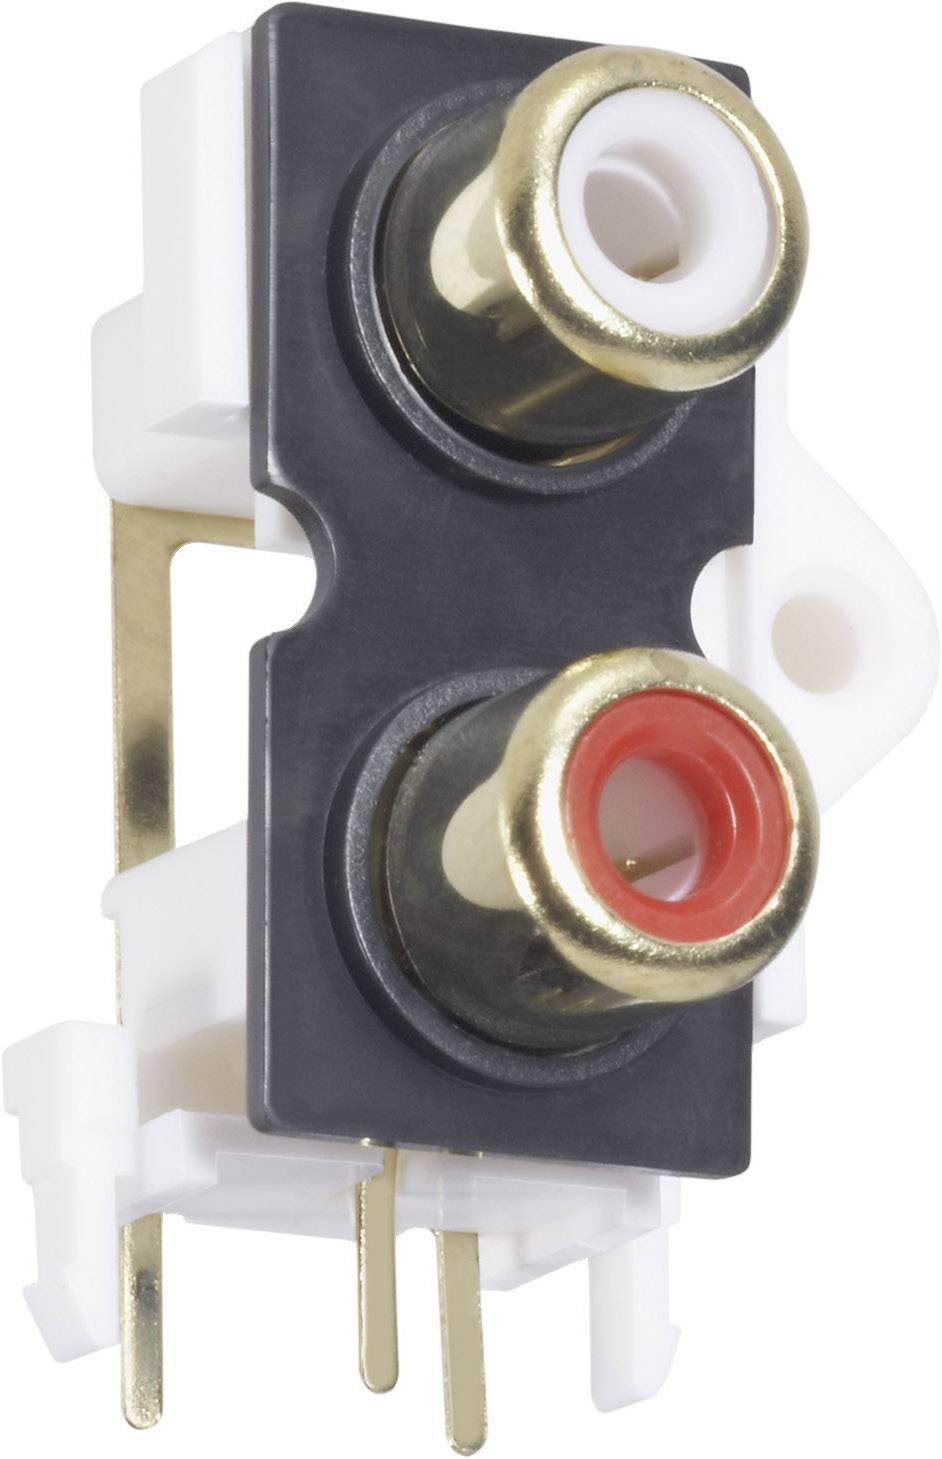 Cinch konektor zásuvka, vstavateľná vertikálna TRU COMPONENTS 2, 1 ks